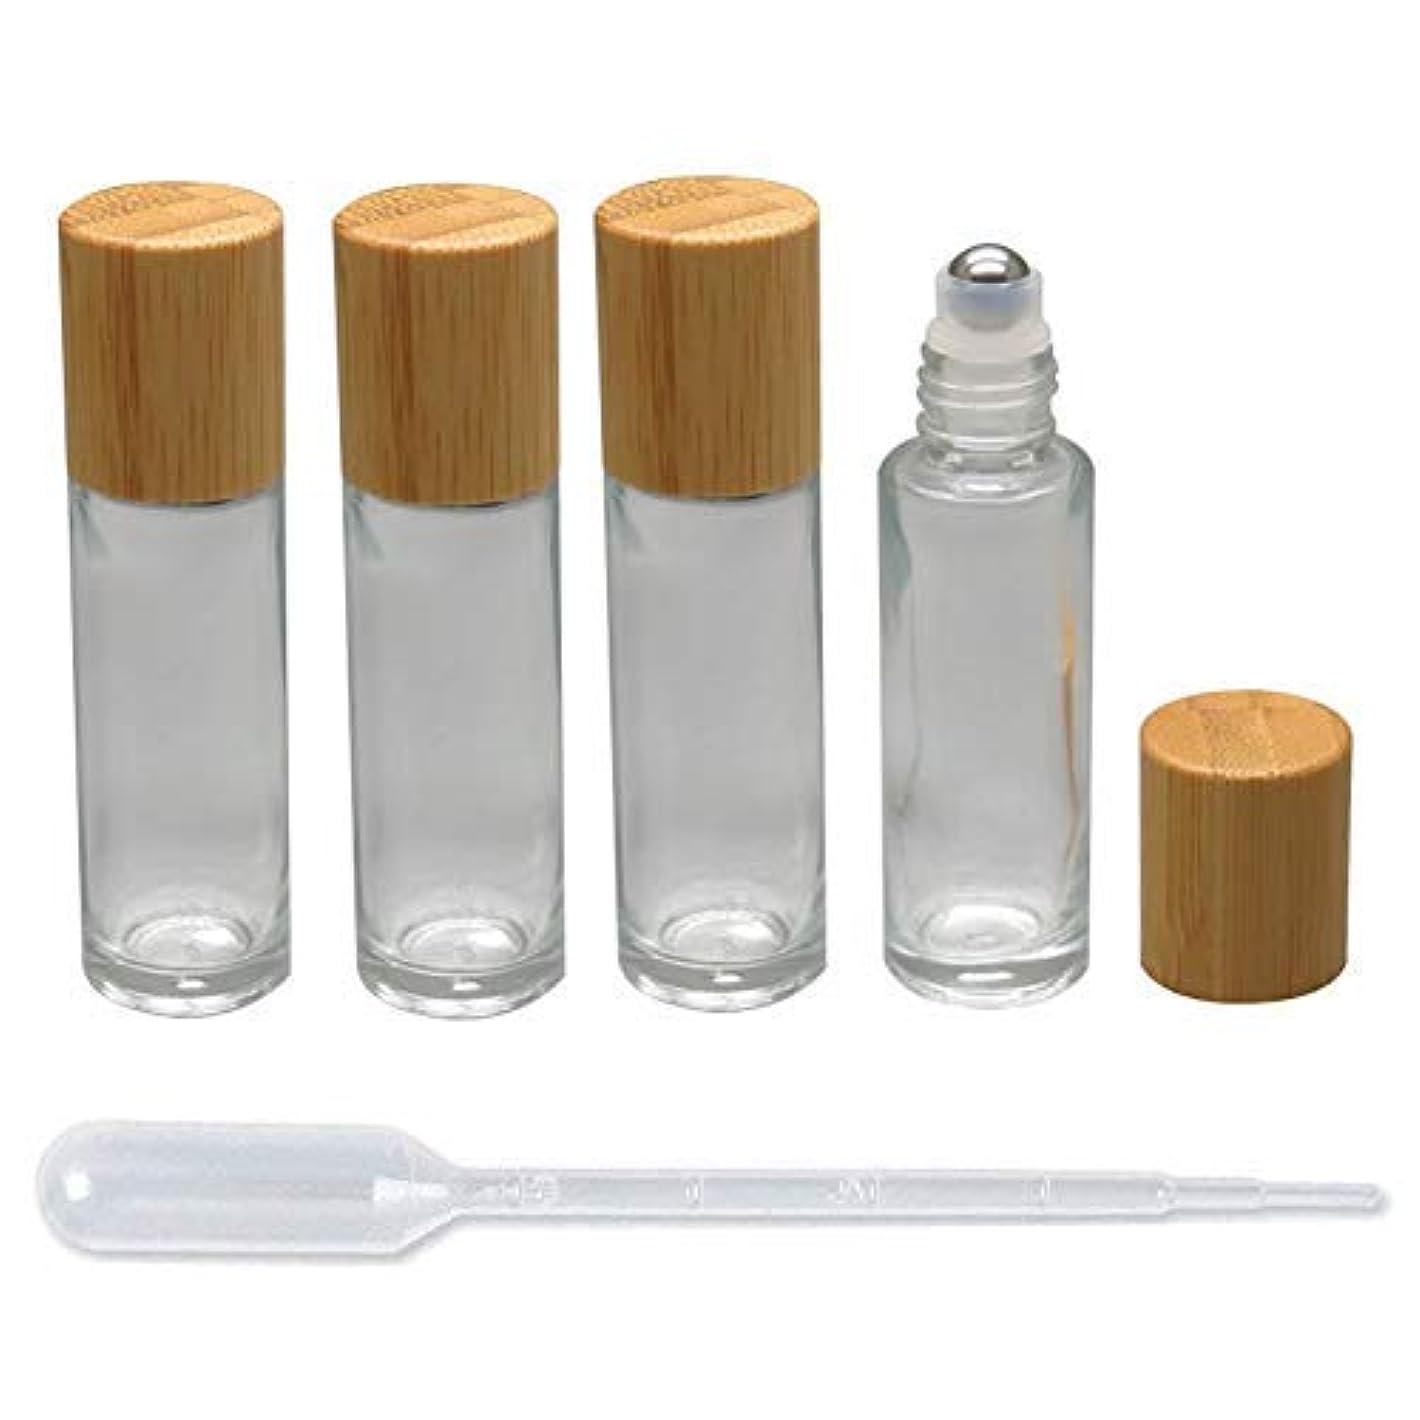 センチメンタル解釈お客様4 Pieces Roll On Bottles 15ml Clear Glass Roller Bottles with Bamboo Lid Empty Refillable Essential Oil Roller...